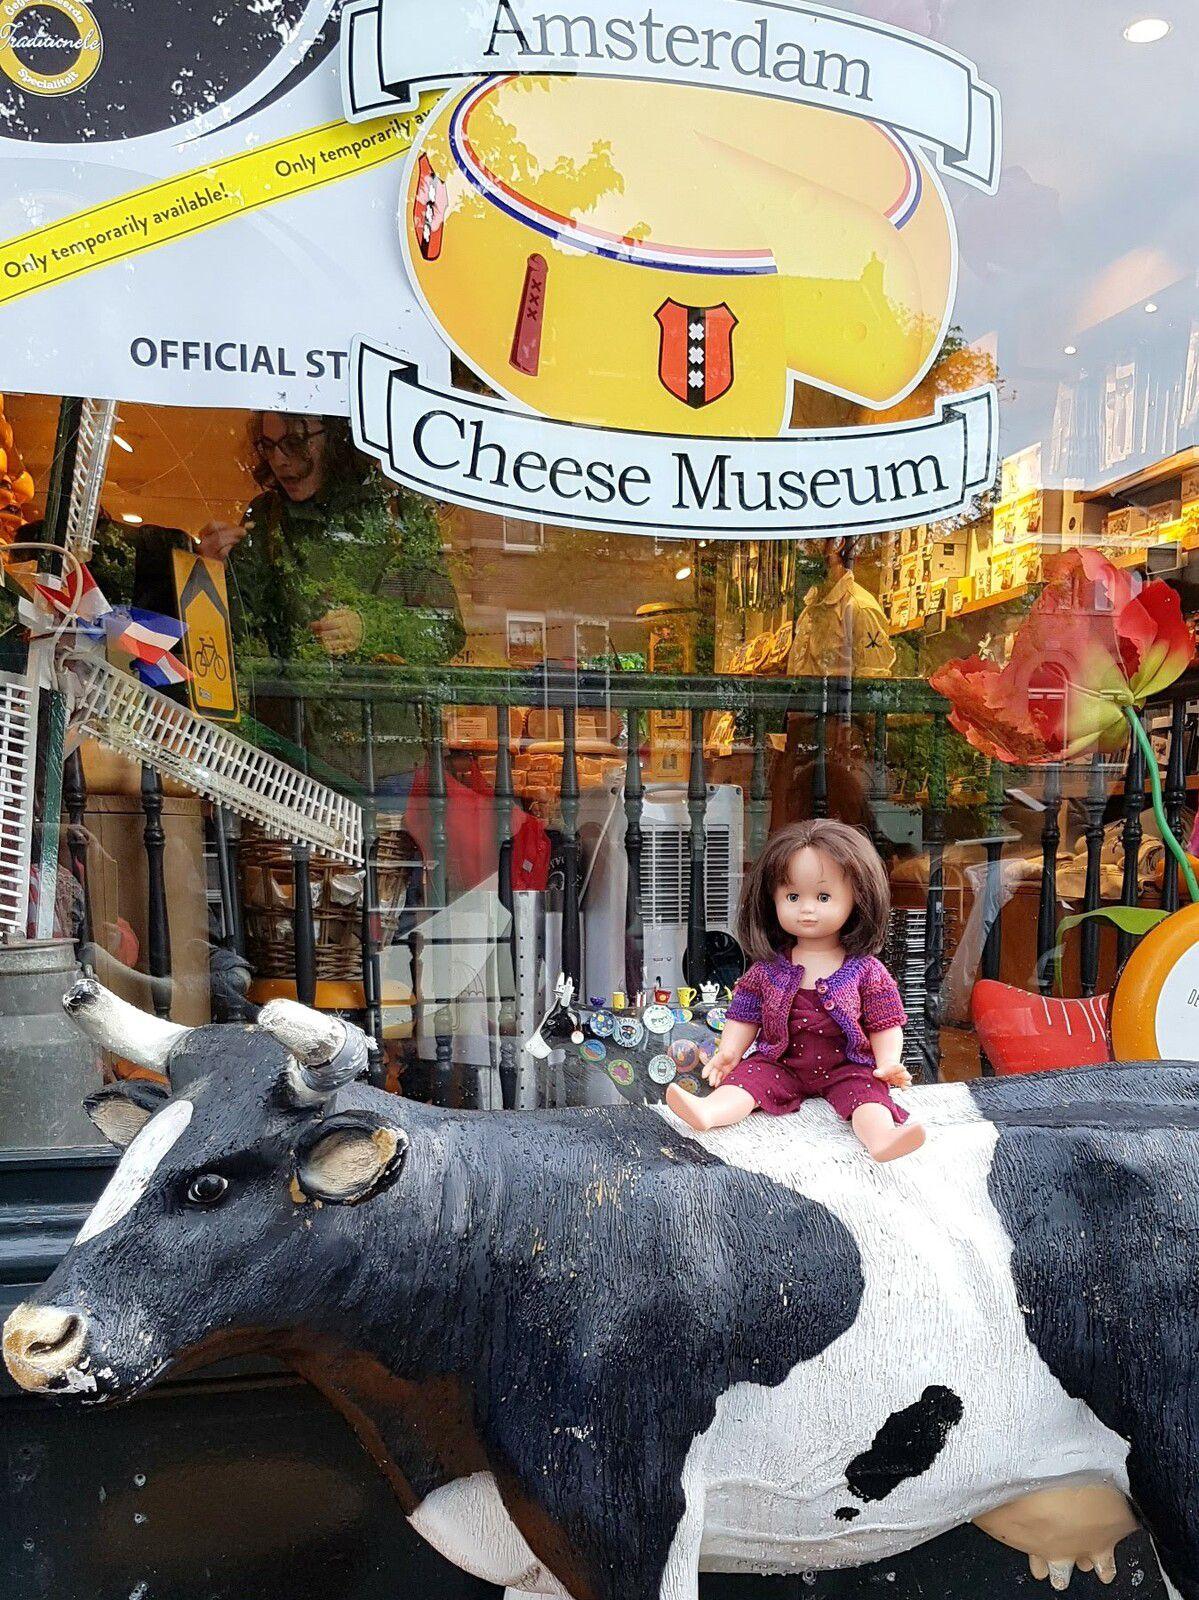 Emilie-Lise au Musée du Fromage Amsterdam